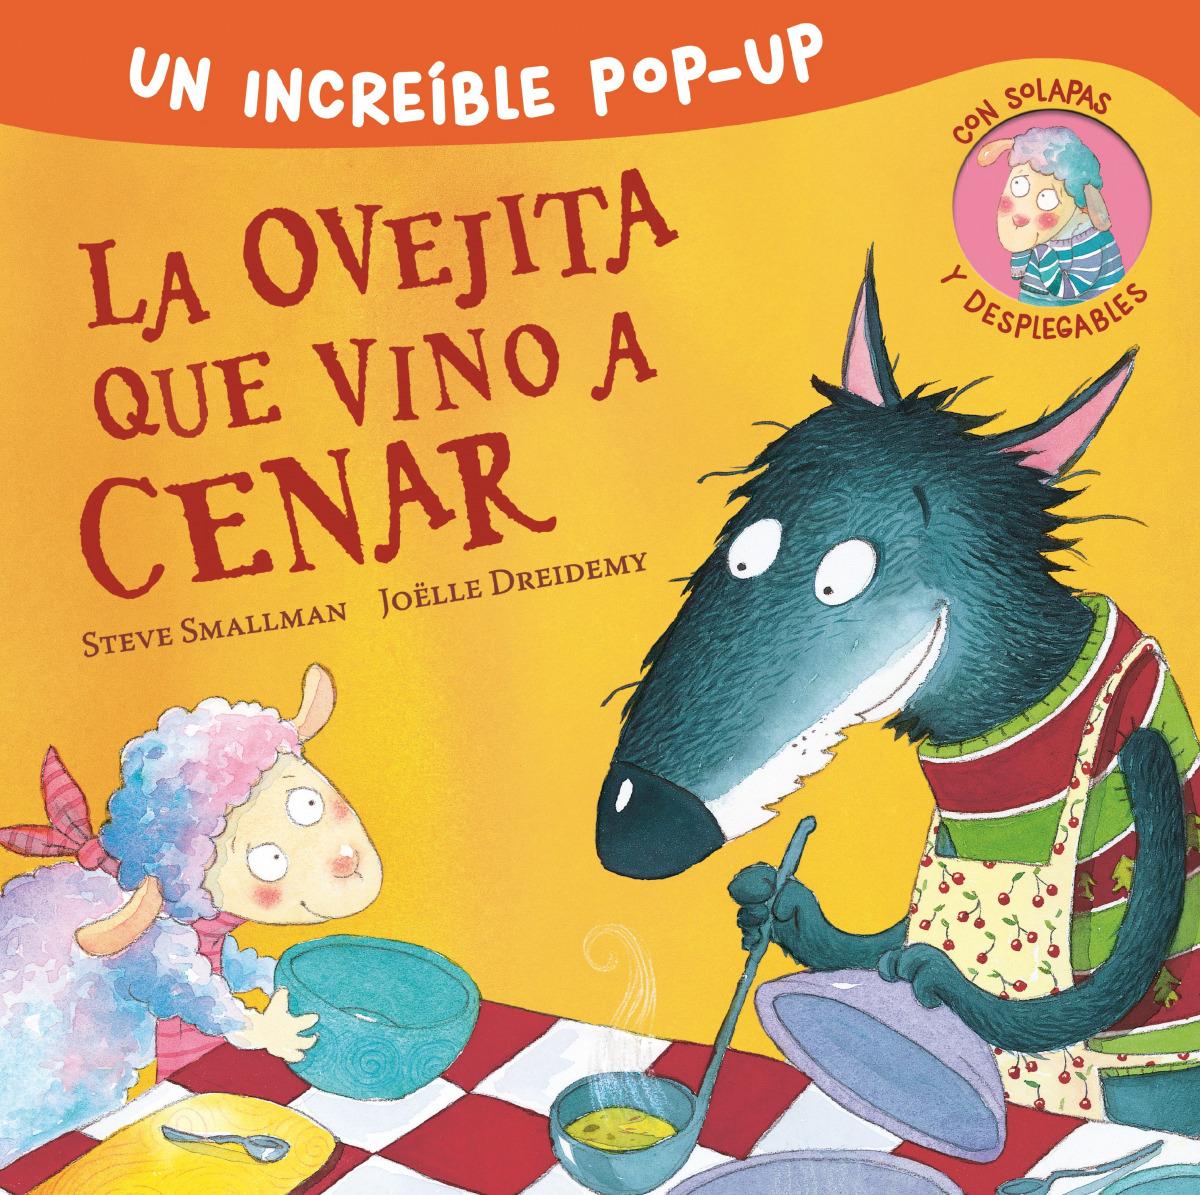 La ovejita que vino a cenar (Edición pop-up) 9788448857226